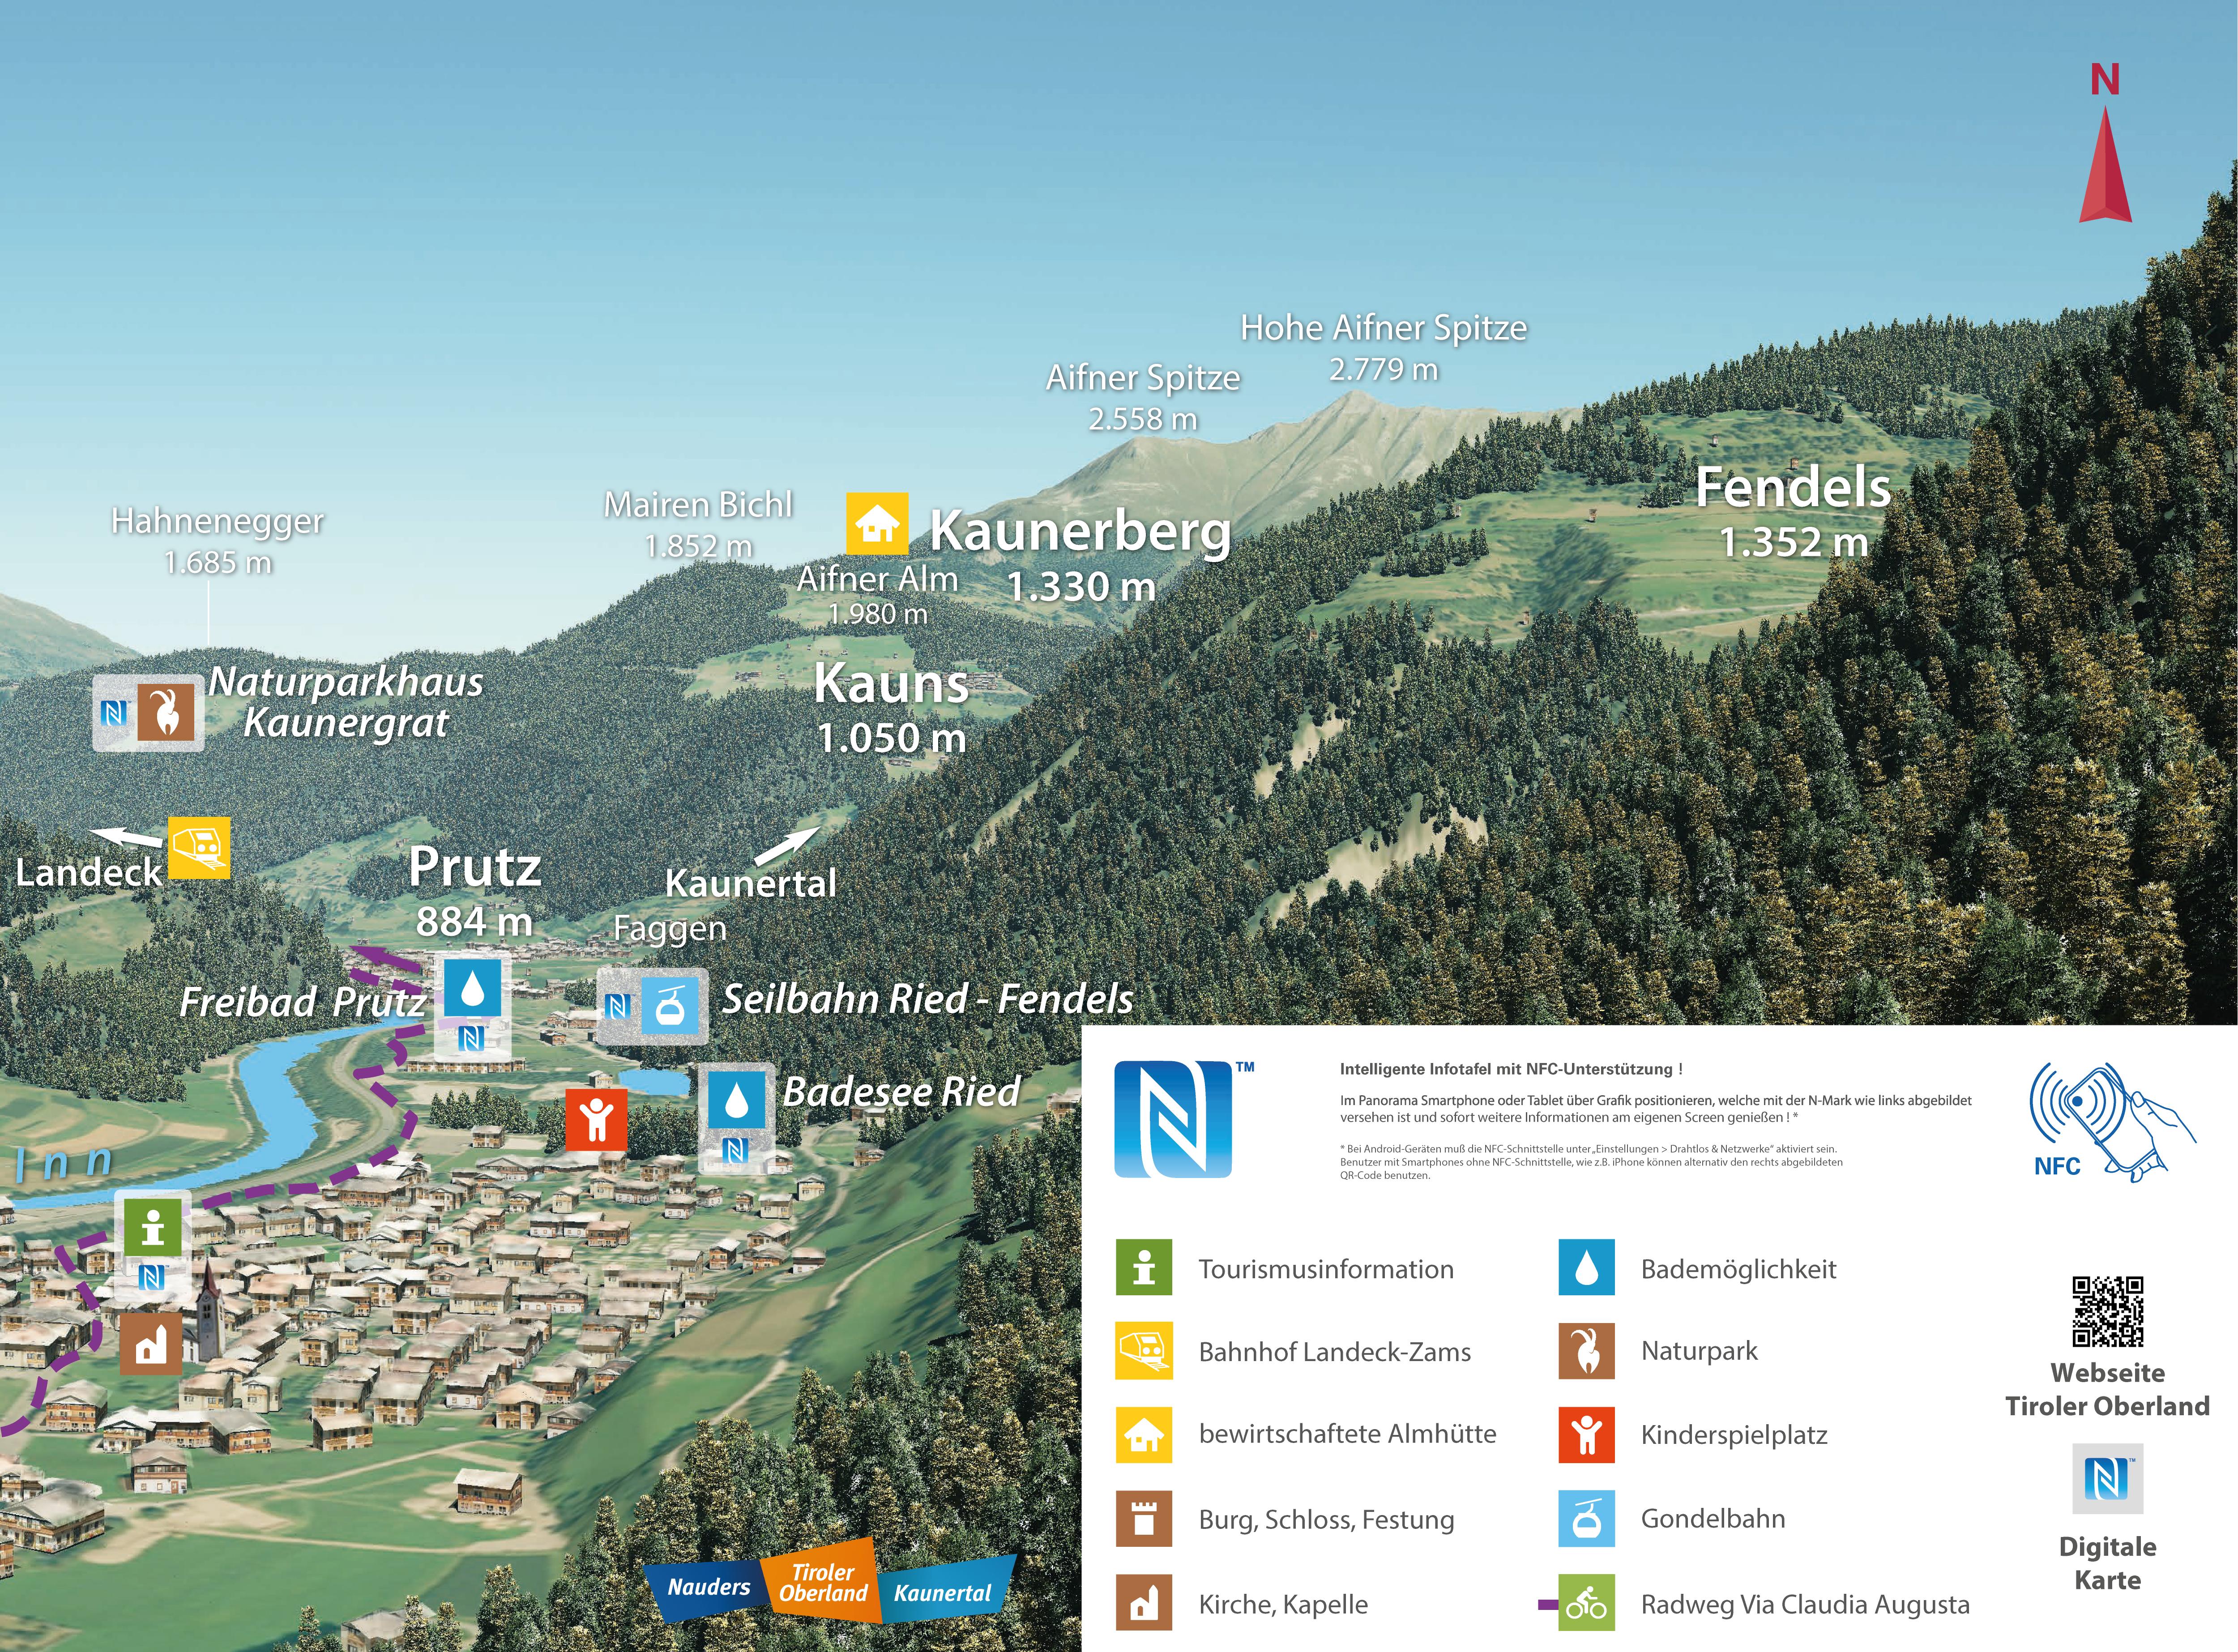 3D Gipfelpanorama Lutzel Oefele NFC Funktion Ausschnitt